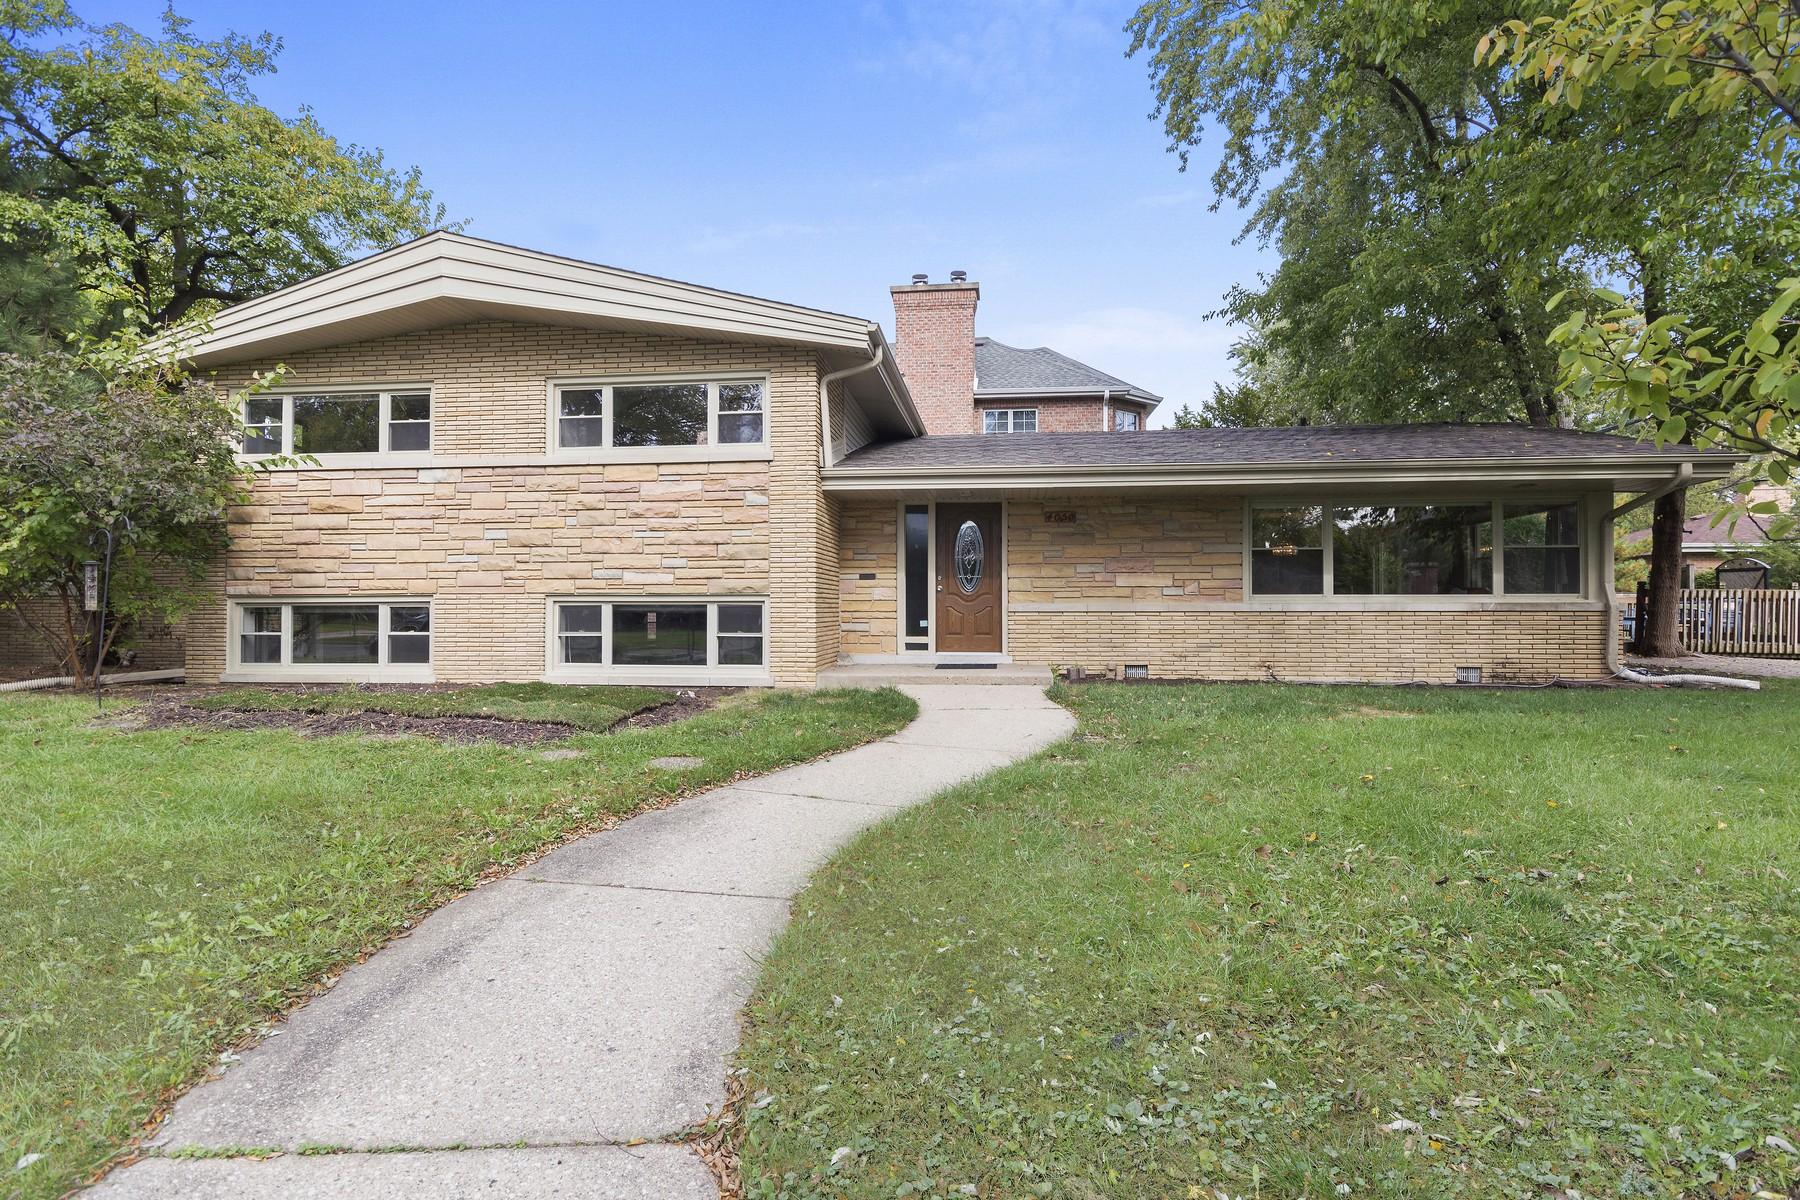 Einfamilienhaus für Verkauf beim Updated and Spacious Four Bedroom Home In The Highlands 4050 Emerson Street Skokie, Illinois, 60076 Vereinigte Staaten